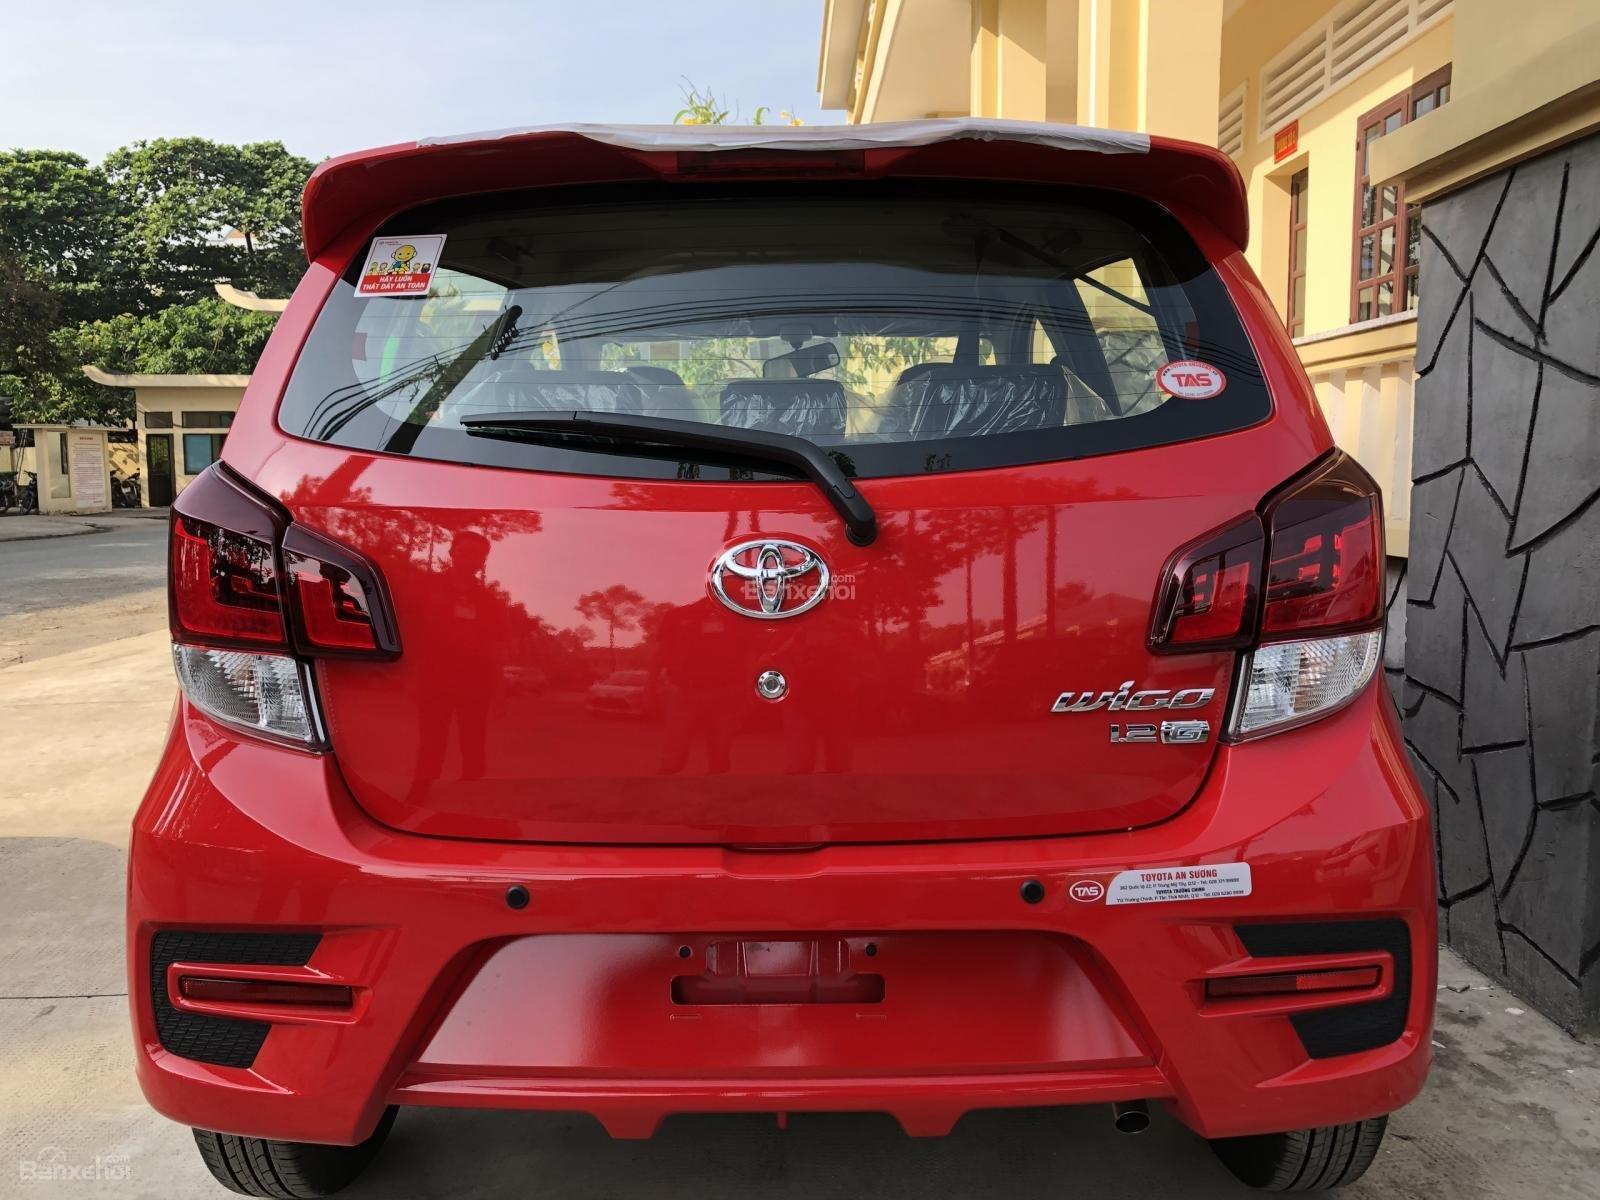 [Toyota An Sương] Toyota Wigo, đỏ nhập khẩu Indonesia-100tr giao ngay-LH: 0907.03.03.94-6